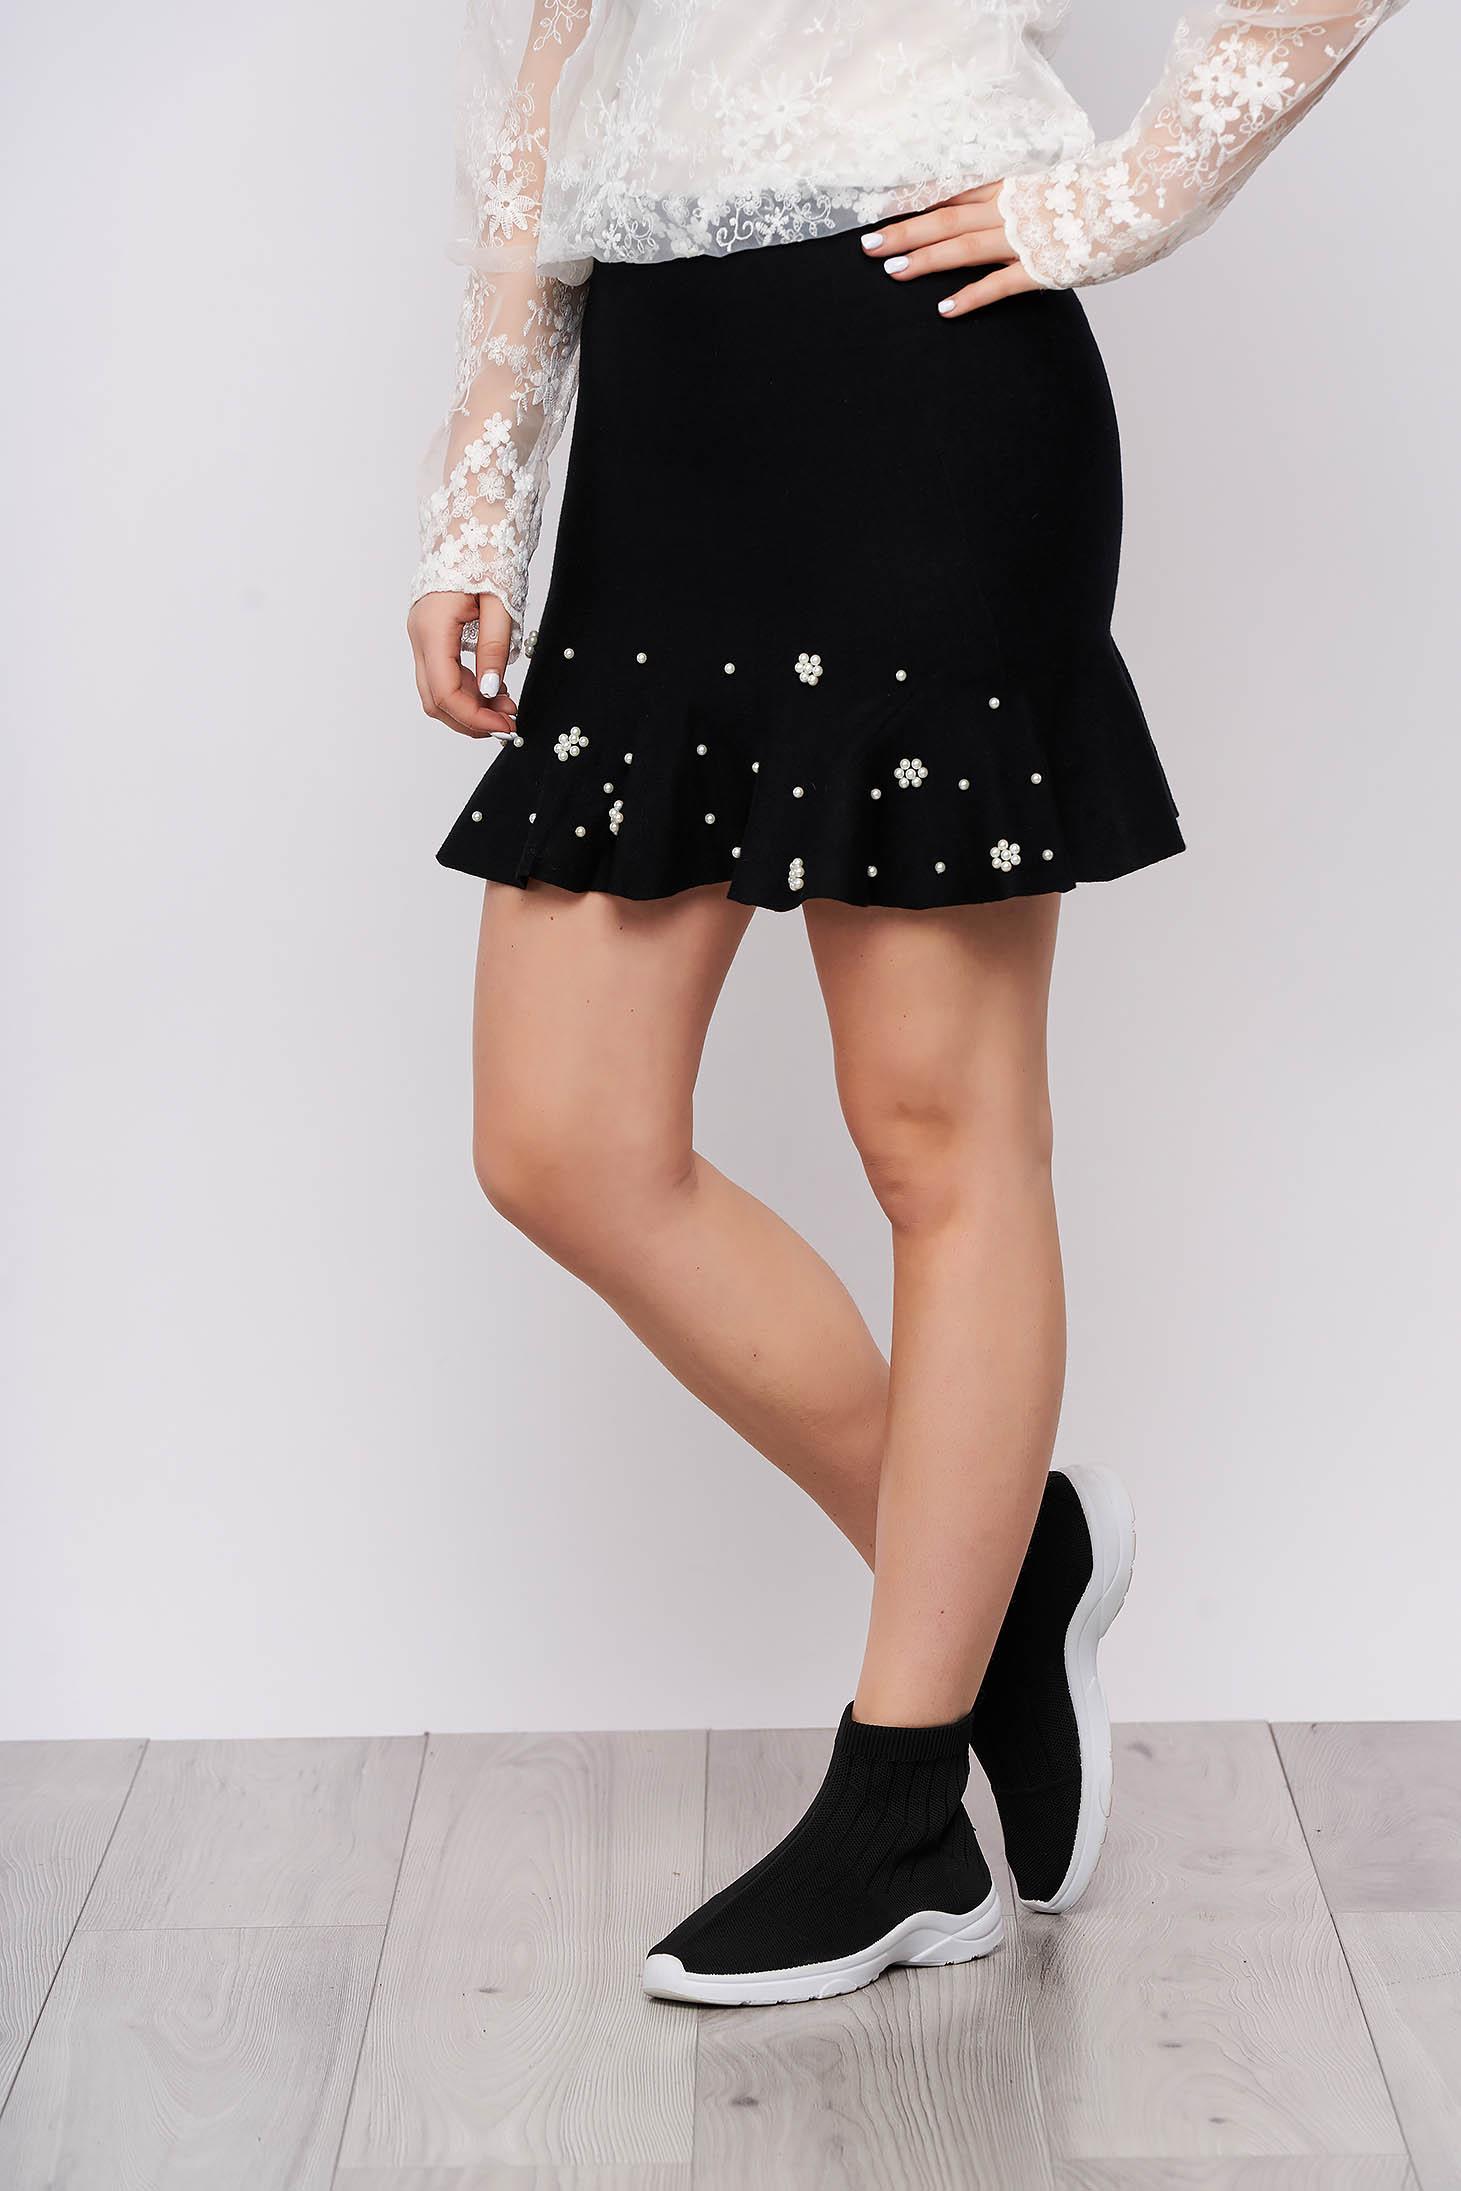 Fusta SunShine neagra eleganta scurta tricotata in clos cu volanase si aplicatii cu perle